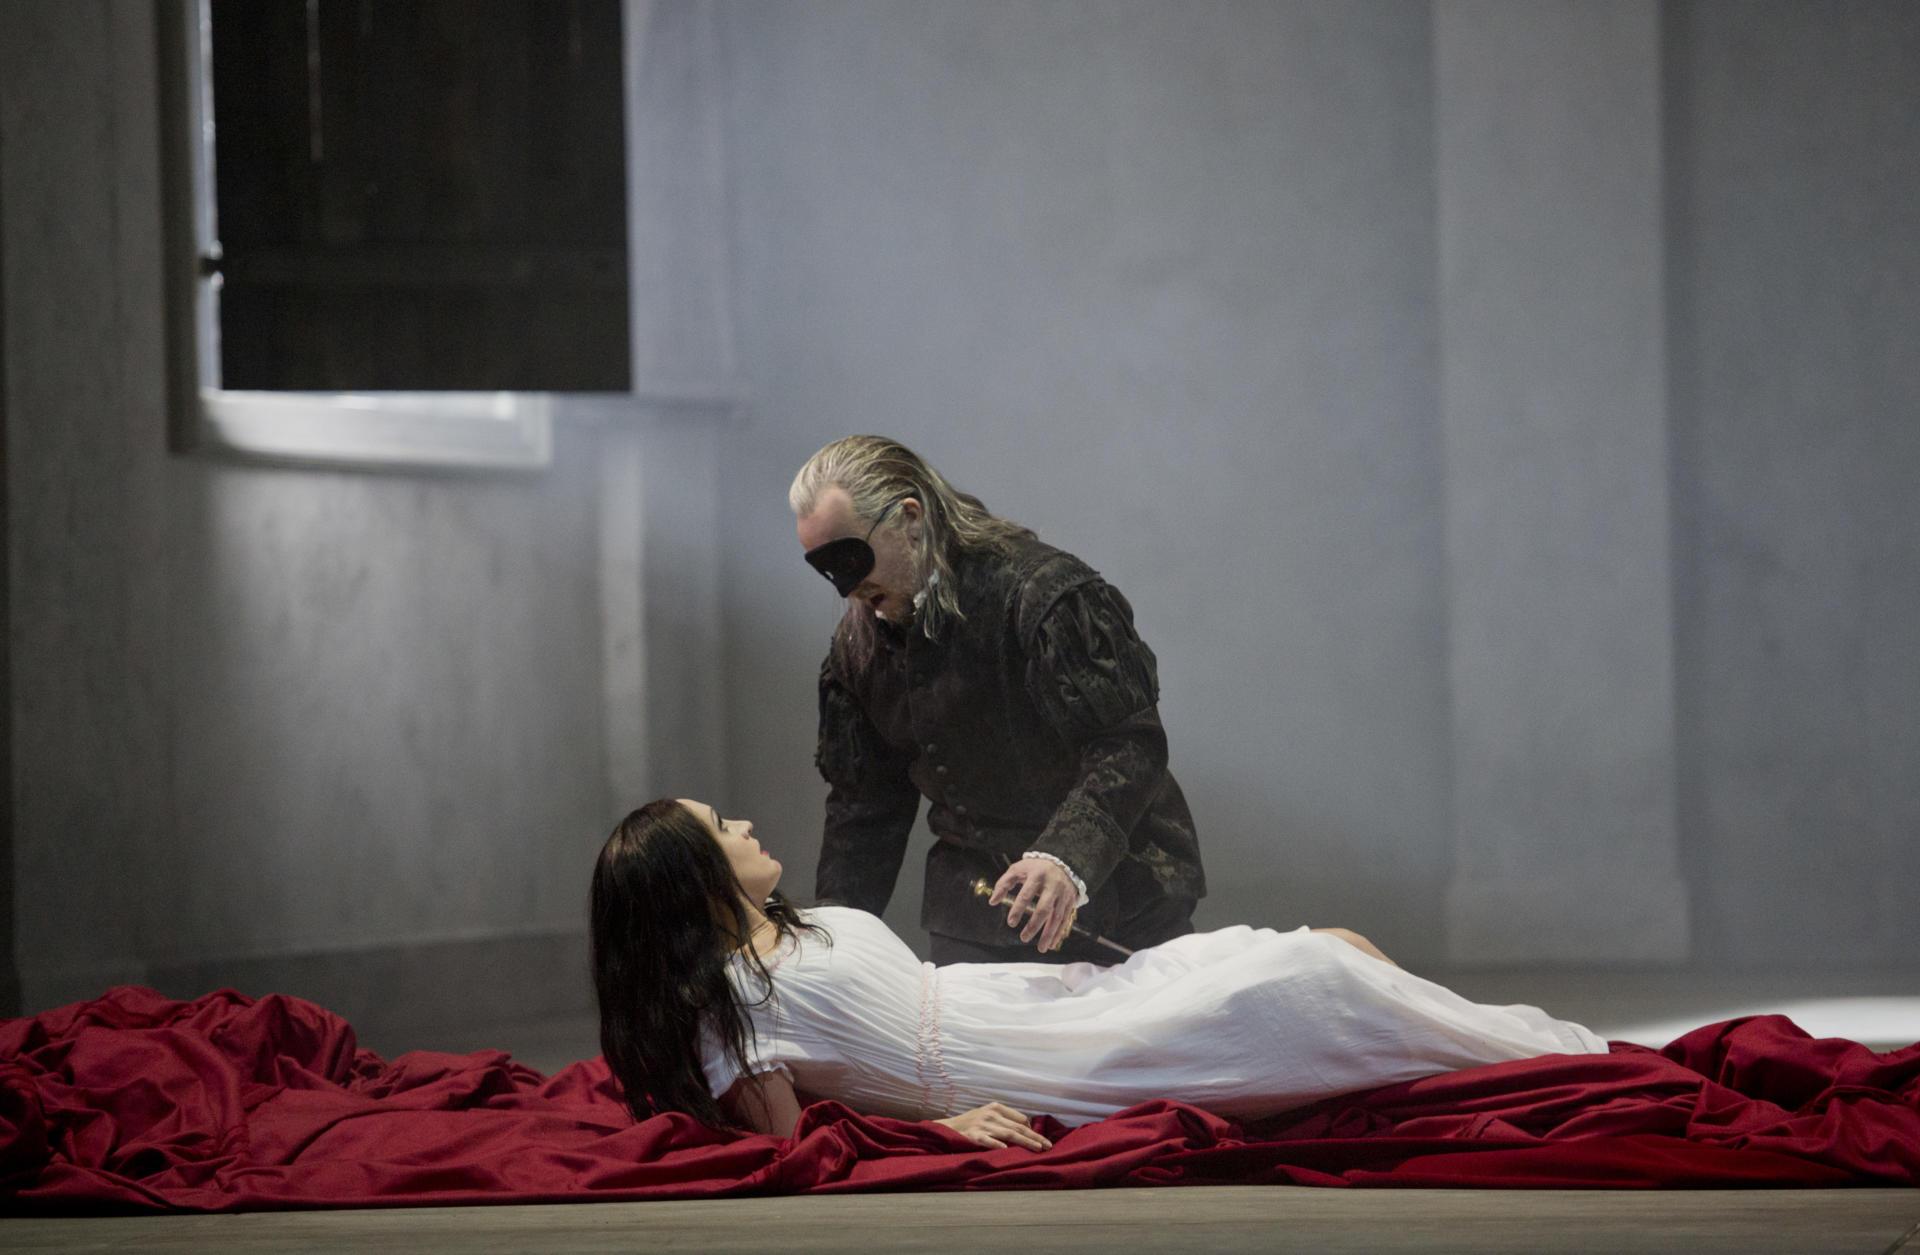 Escena de l'òpera 'Don Giovanni', de Mozart, que obrirà oficialment la temporada el 24 d'octubre. ©Monika Rittershaus